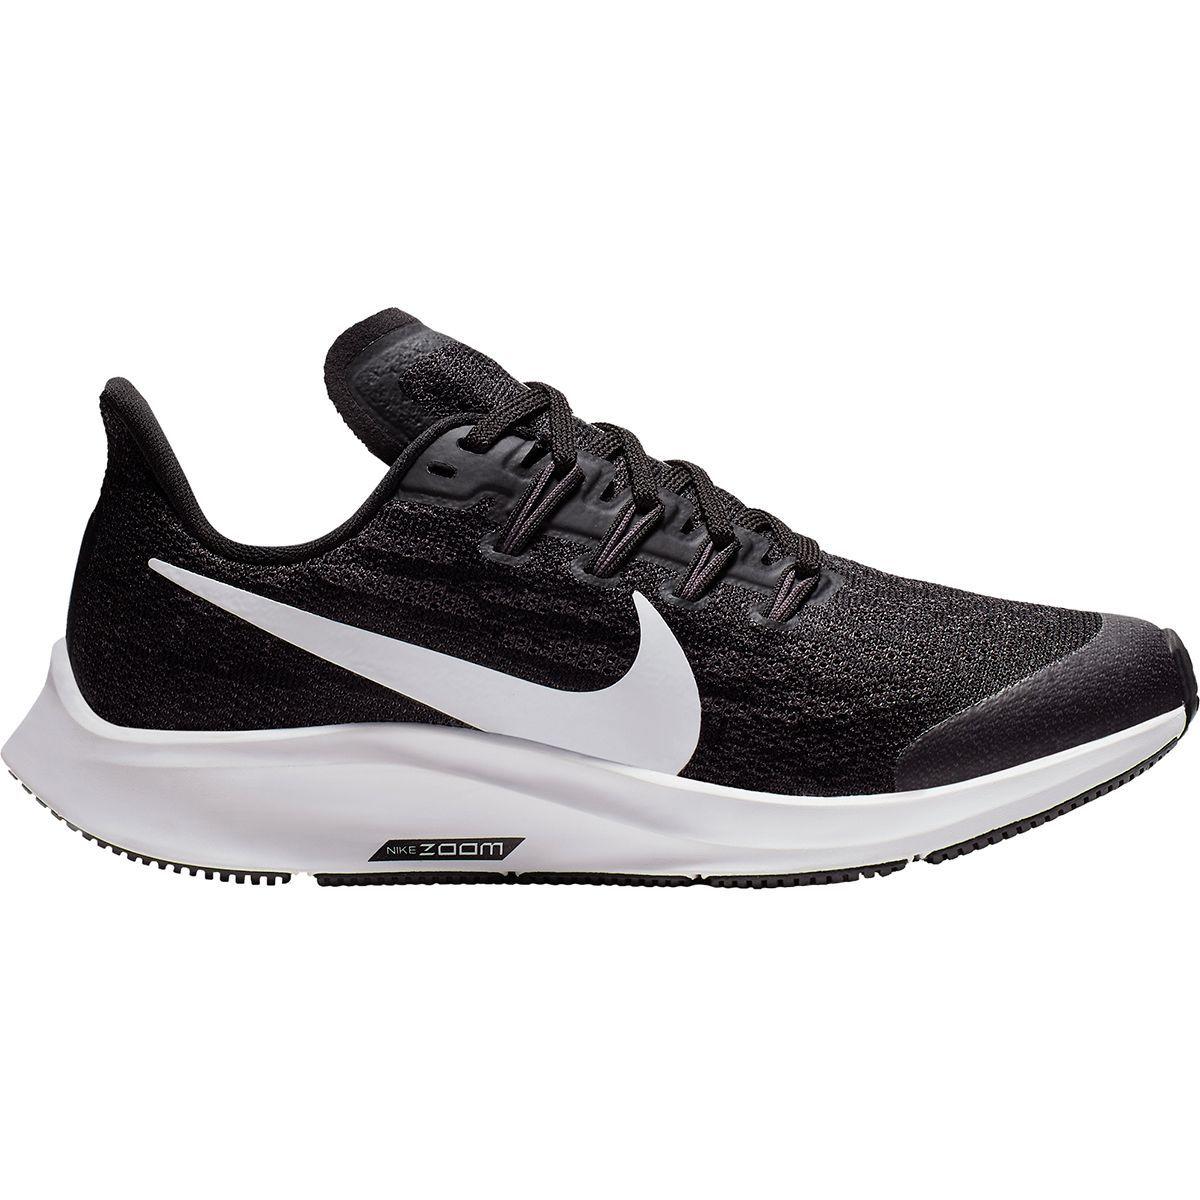 Nike Air Zoom Pegasus 36 Shoe - Boys